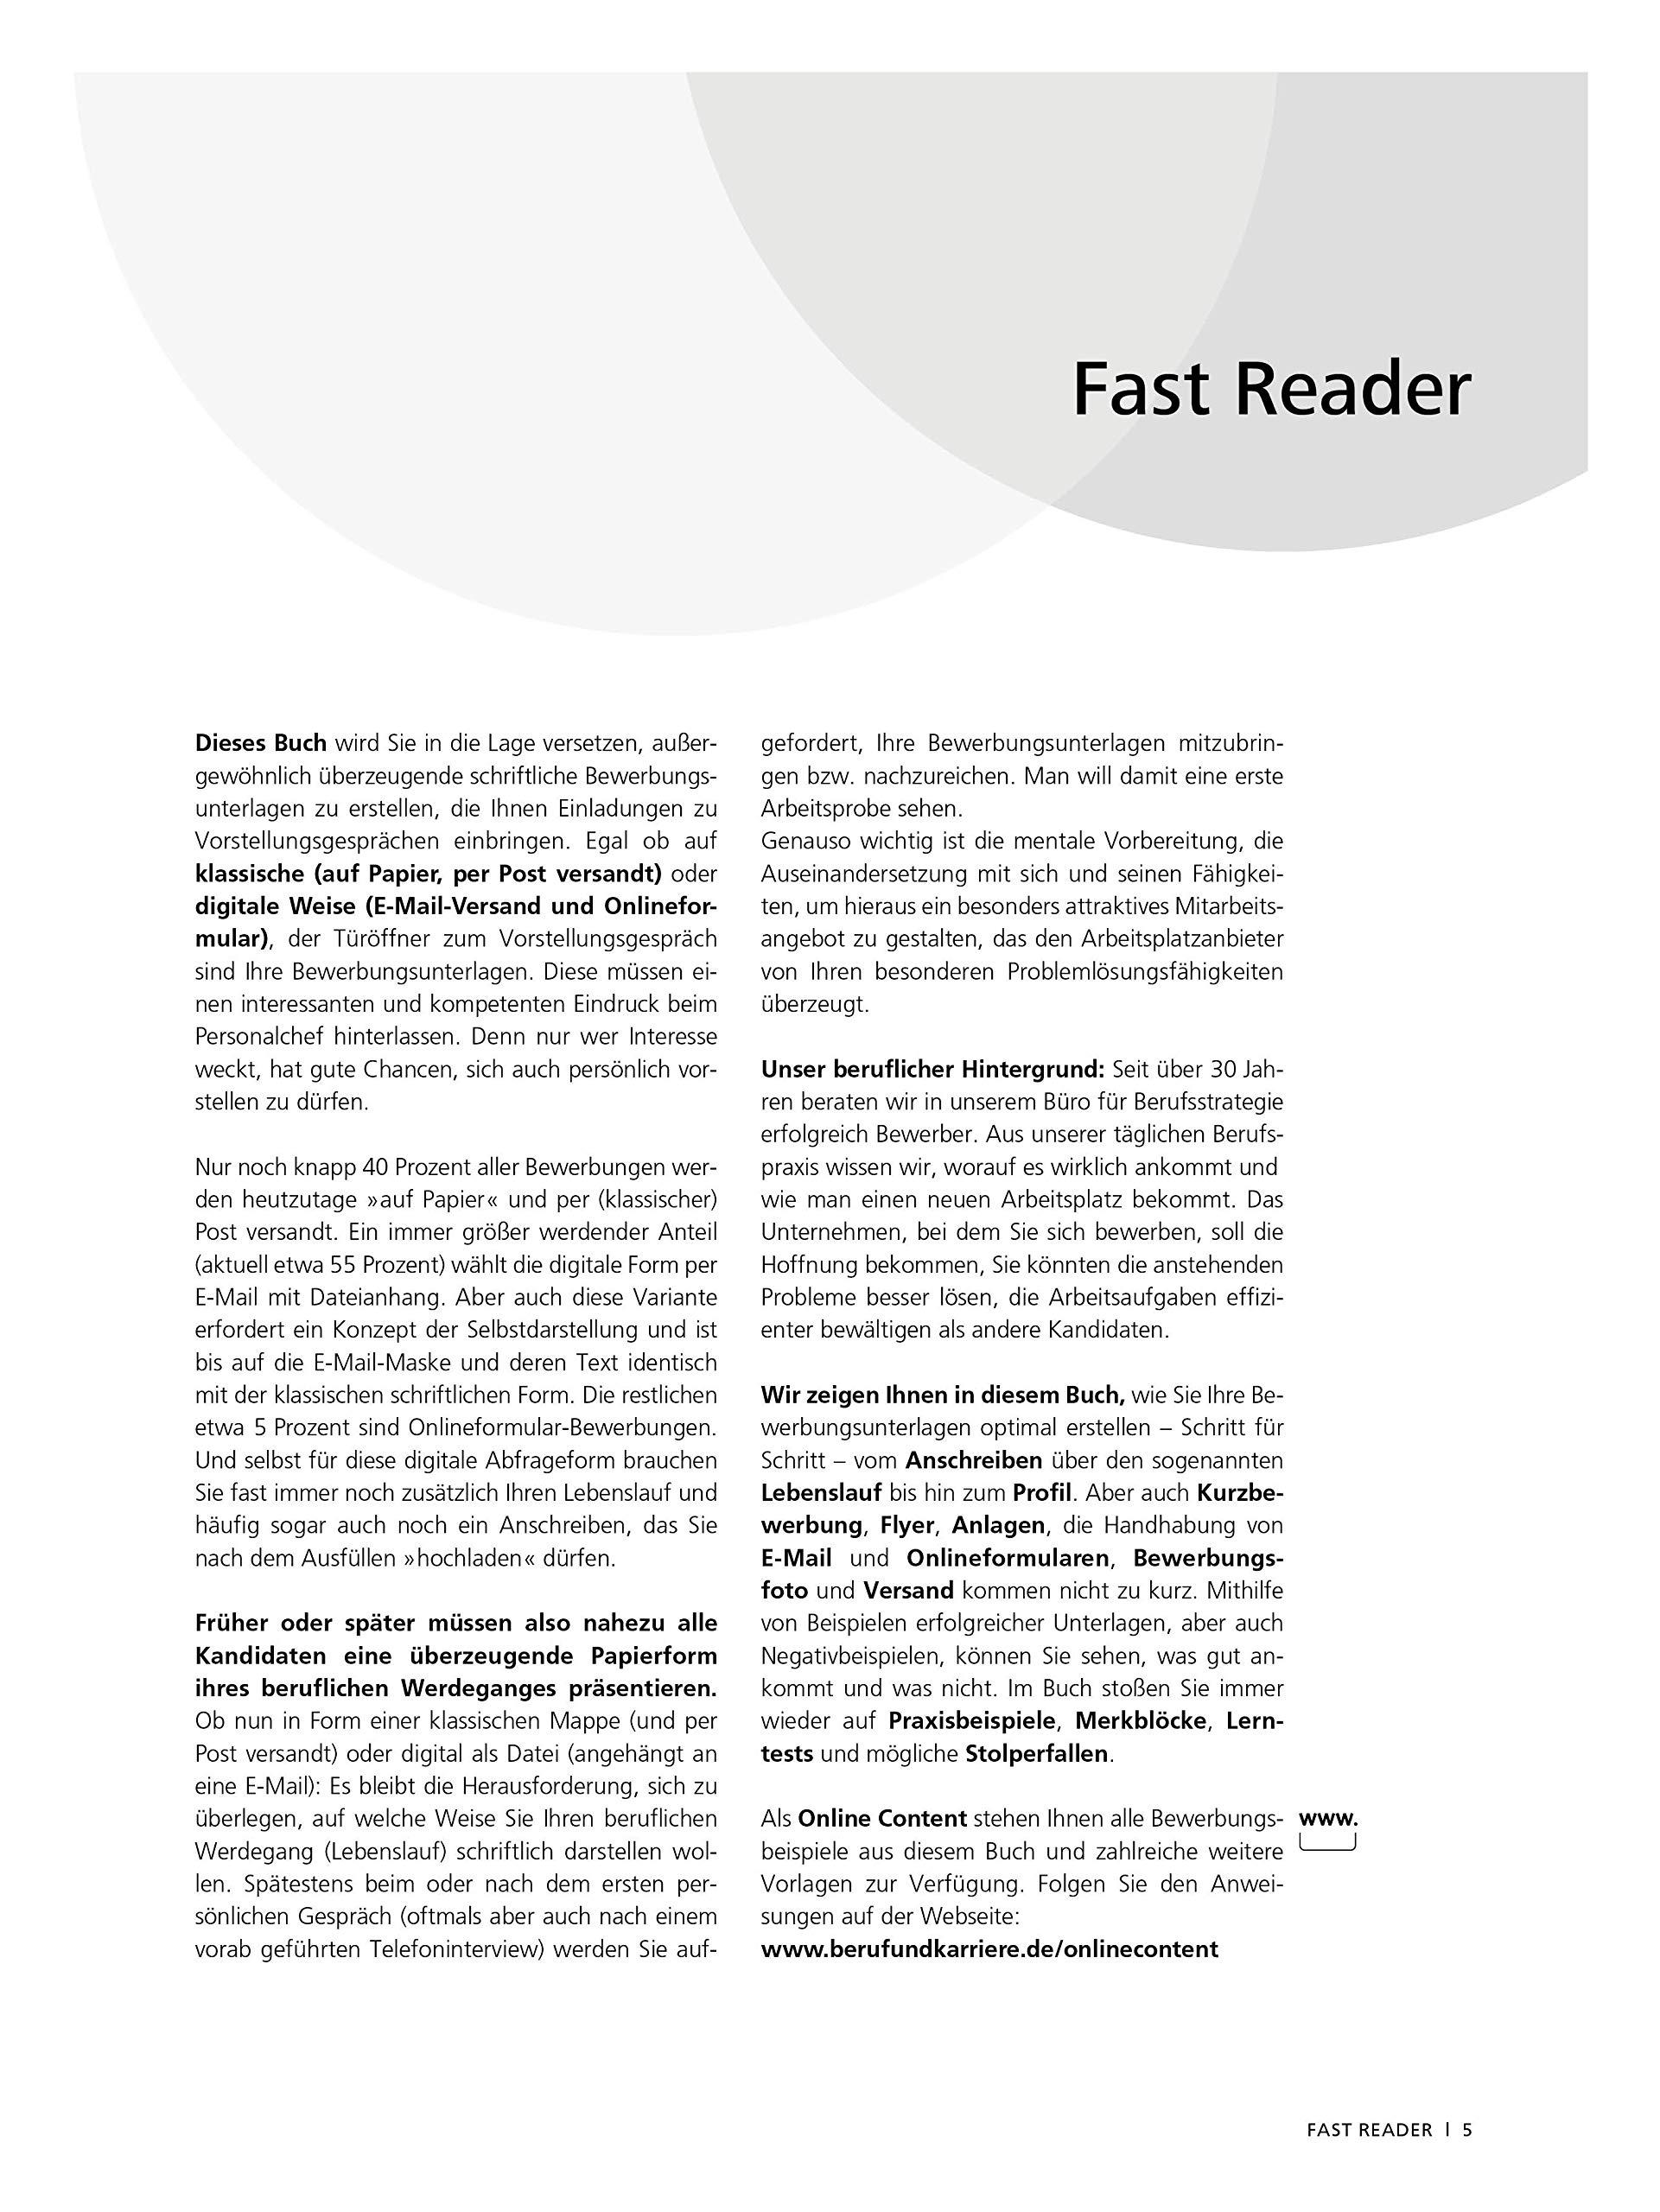 Hesse Schrader Training Schriftliche Bewerbung Anschreiben Lebenslauf E Mail Und Online Bewerbung Amazon Co Uk Hesse Jurgen Schrader Hans Christian 9783866689770 Books